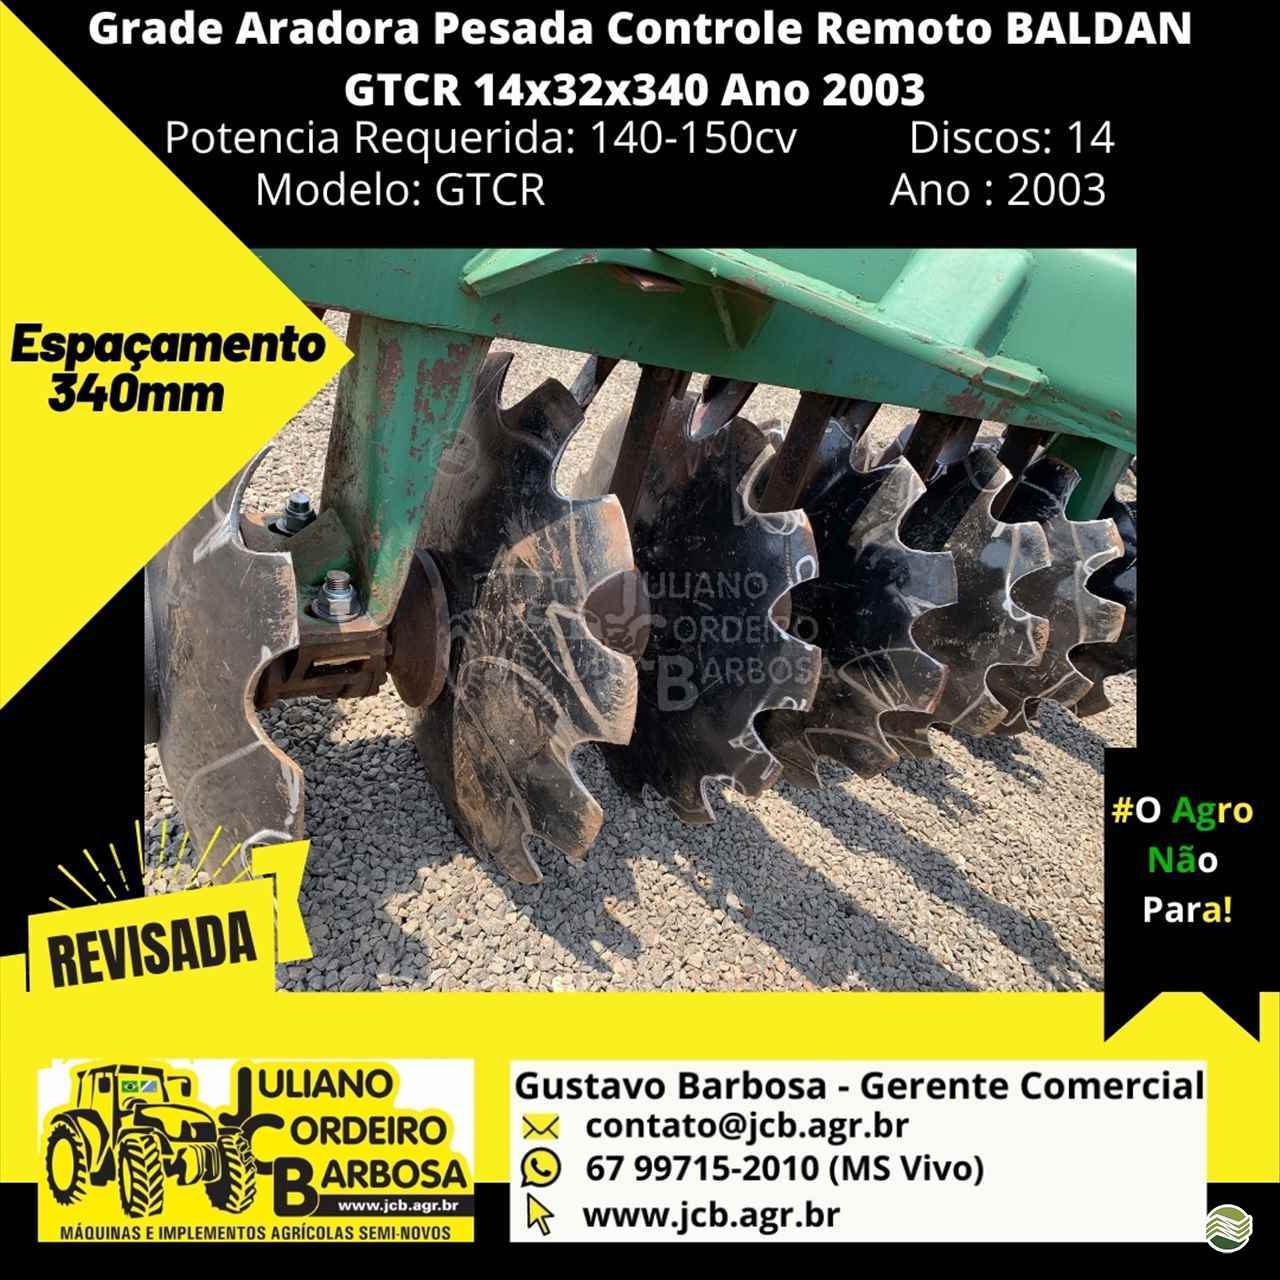 GRADE ARADORA ARADORA 14 DISCOS  2003 JCB Máquinas e Implementos Agrícolas